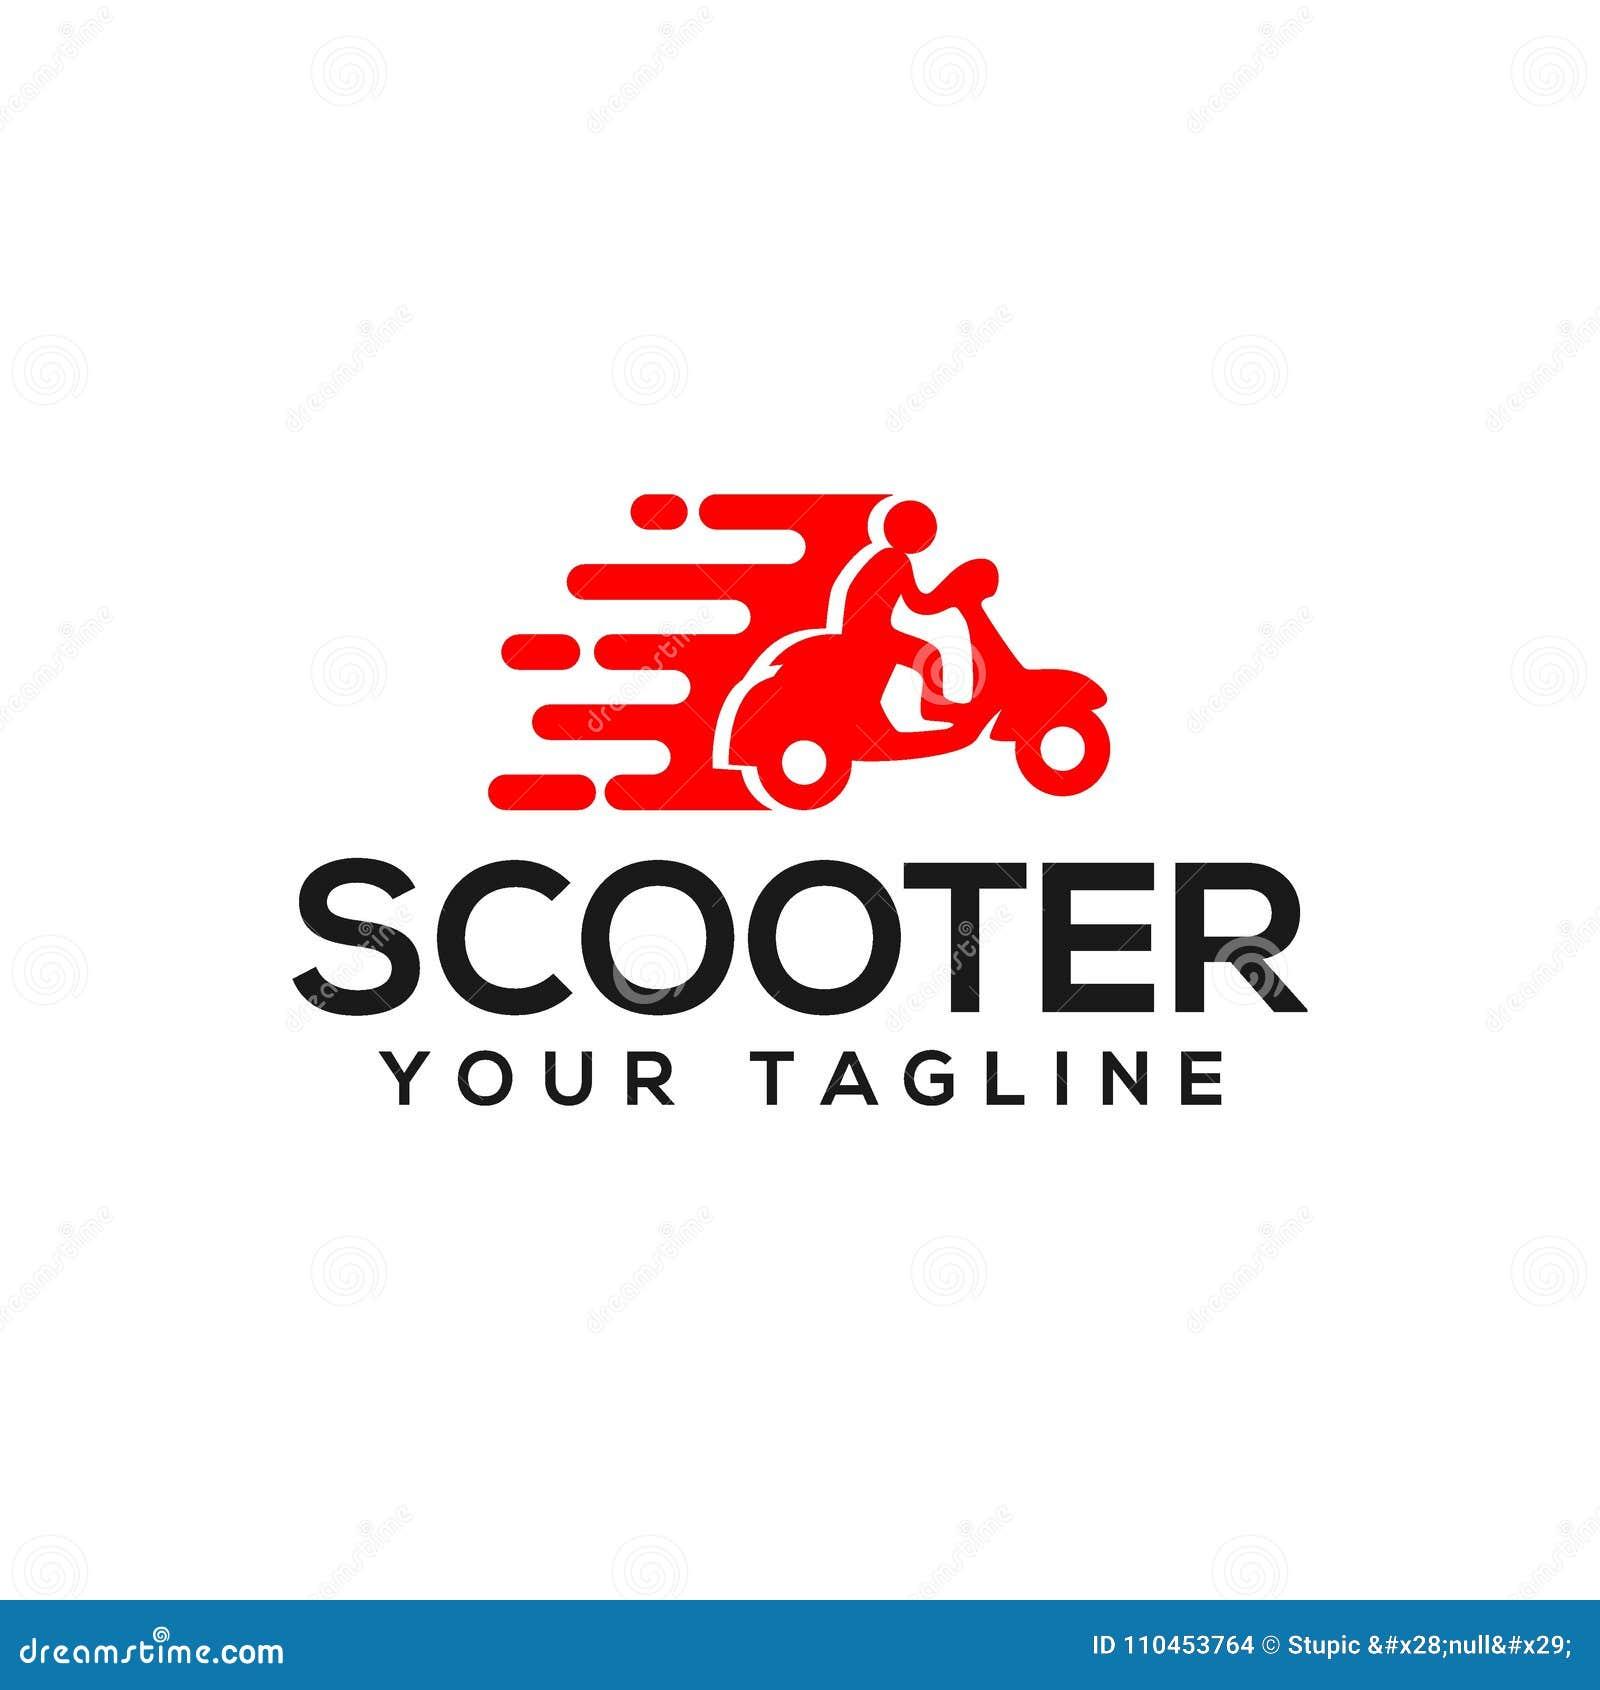 59fdad80d5 Illustrazione semplice ed unica di vettore di logo del motorino per vari  scopi e migliore uso